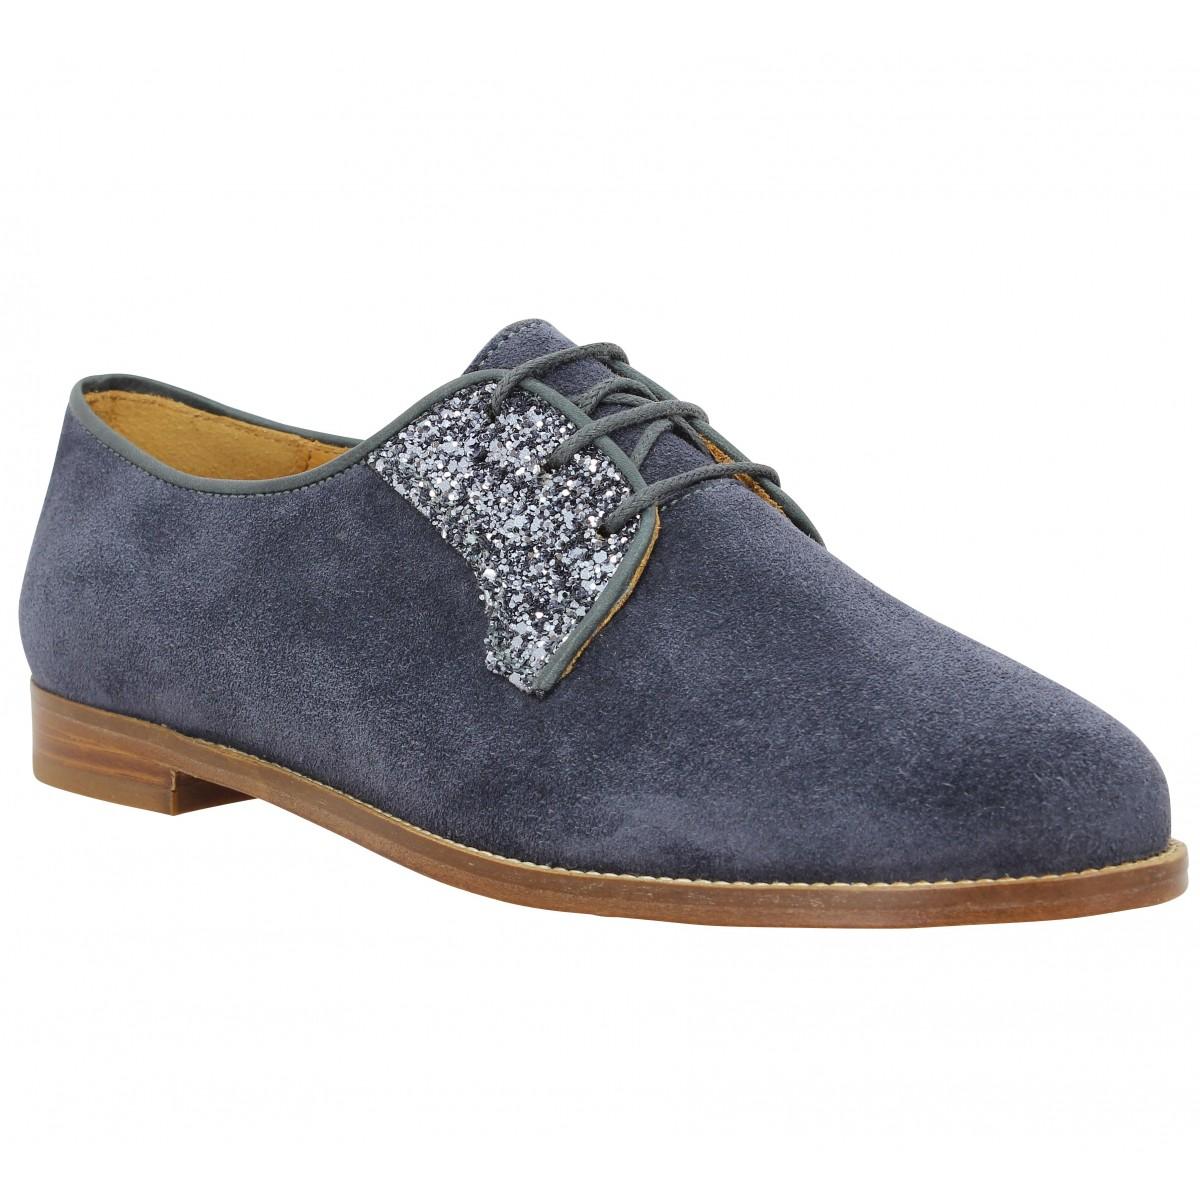 Chaussures à lacets BOBBIES La Romanciere velours paillettes Femme Anthracite